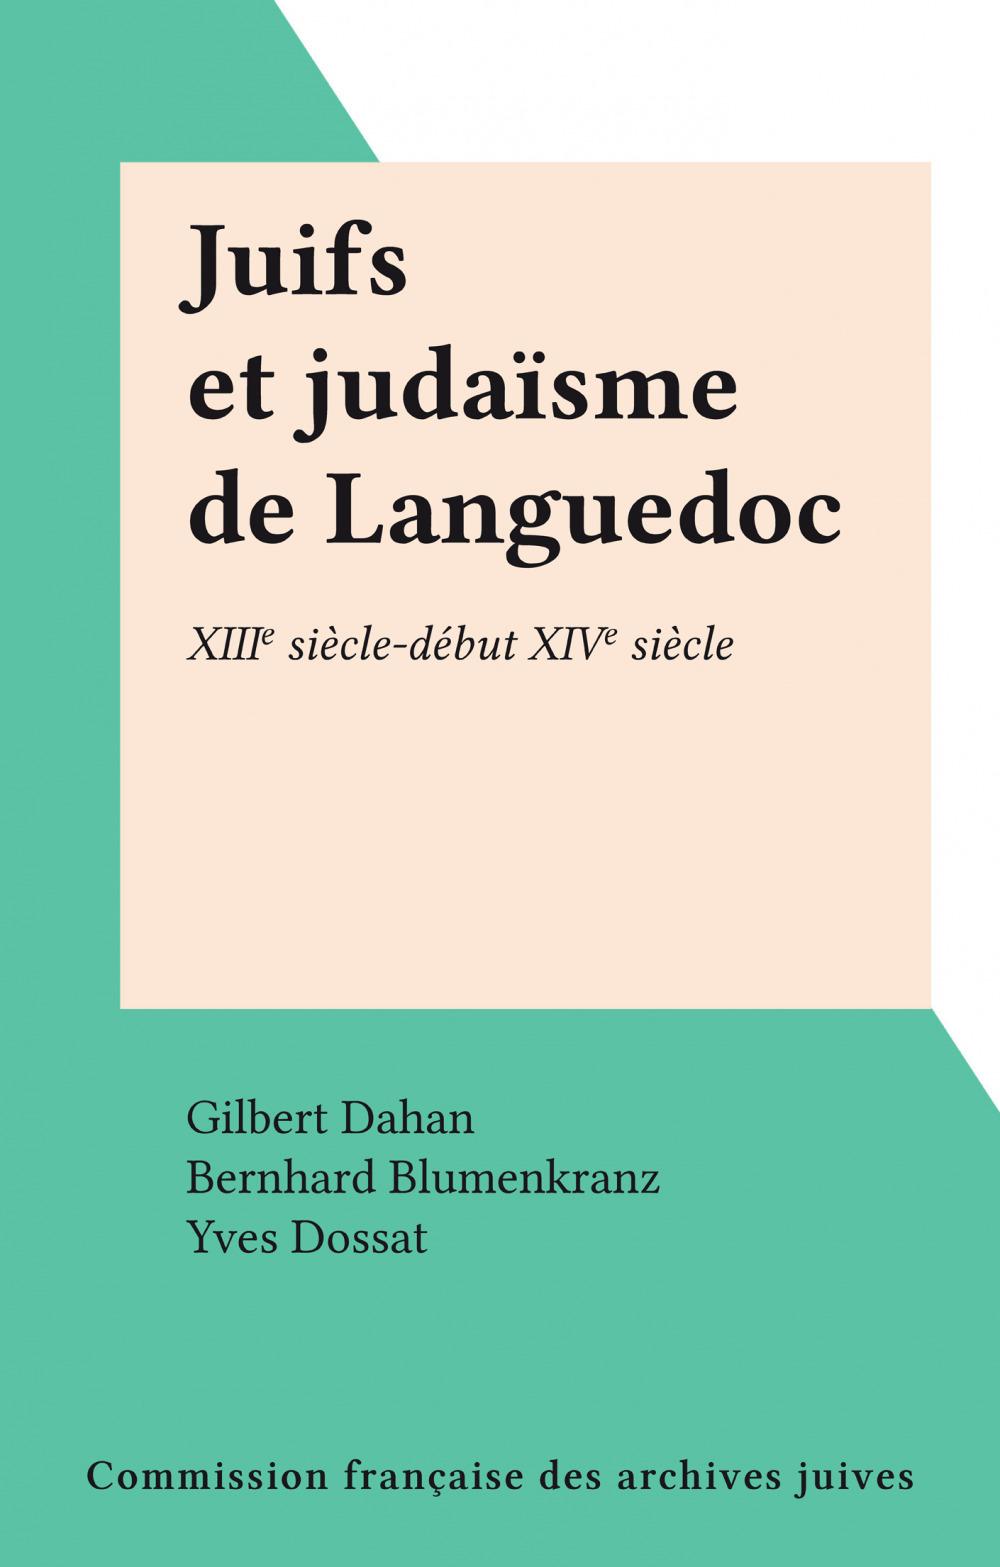 Juifs et judaïsme de Languedoc